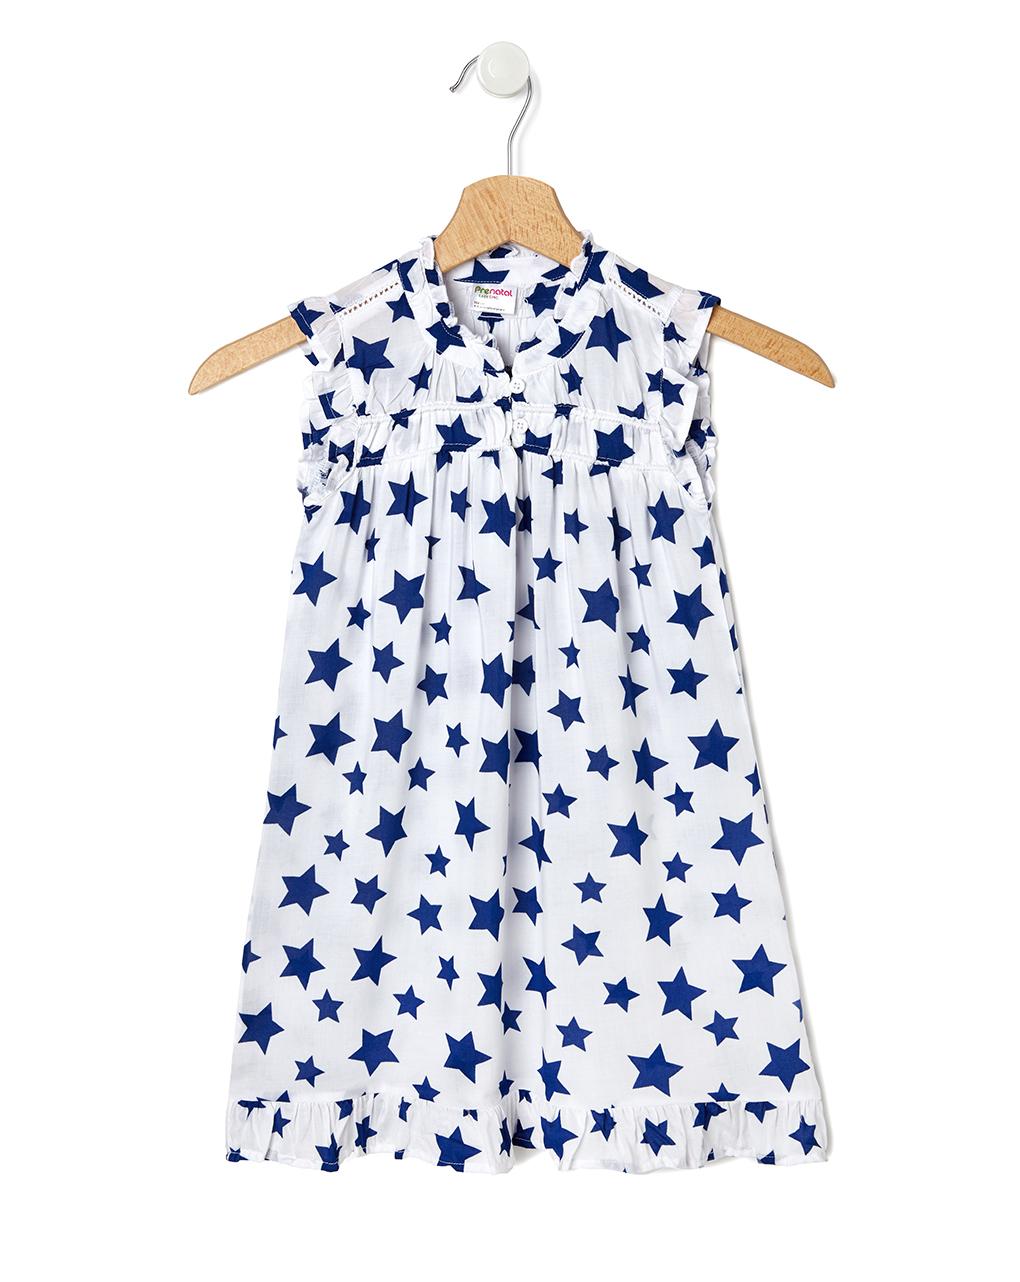 Φόρεμα Λευκό με Αστεράκια για Κορίτσι